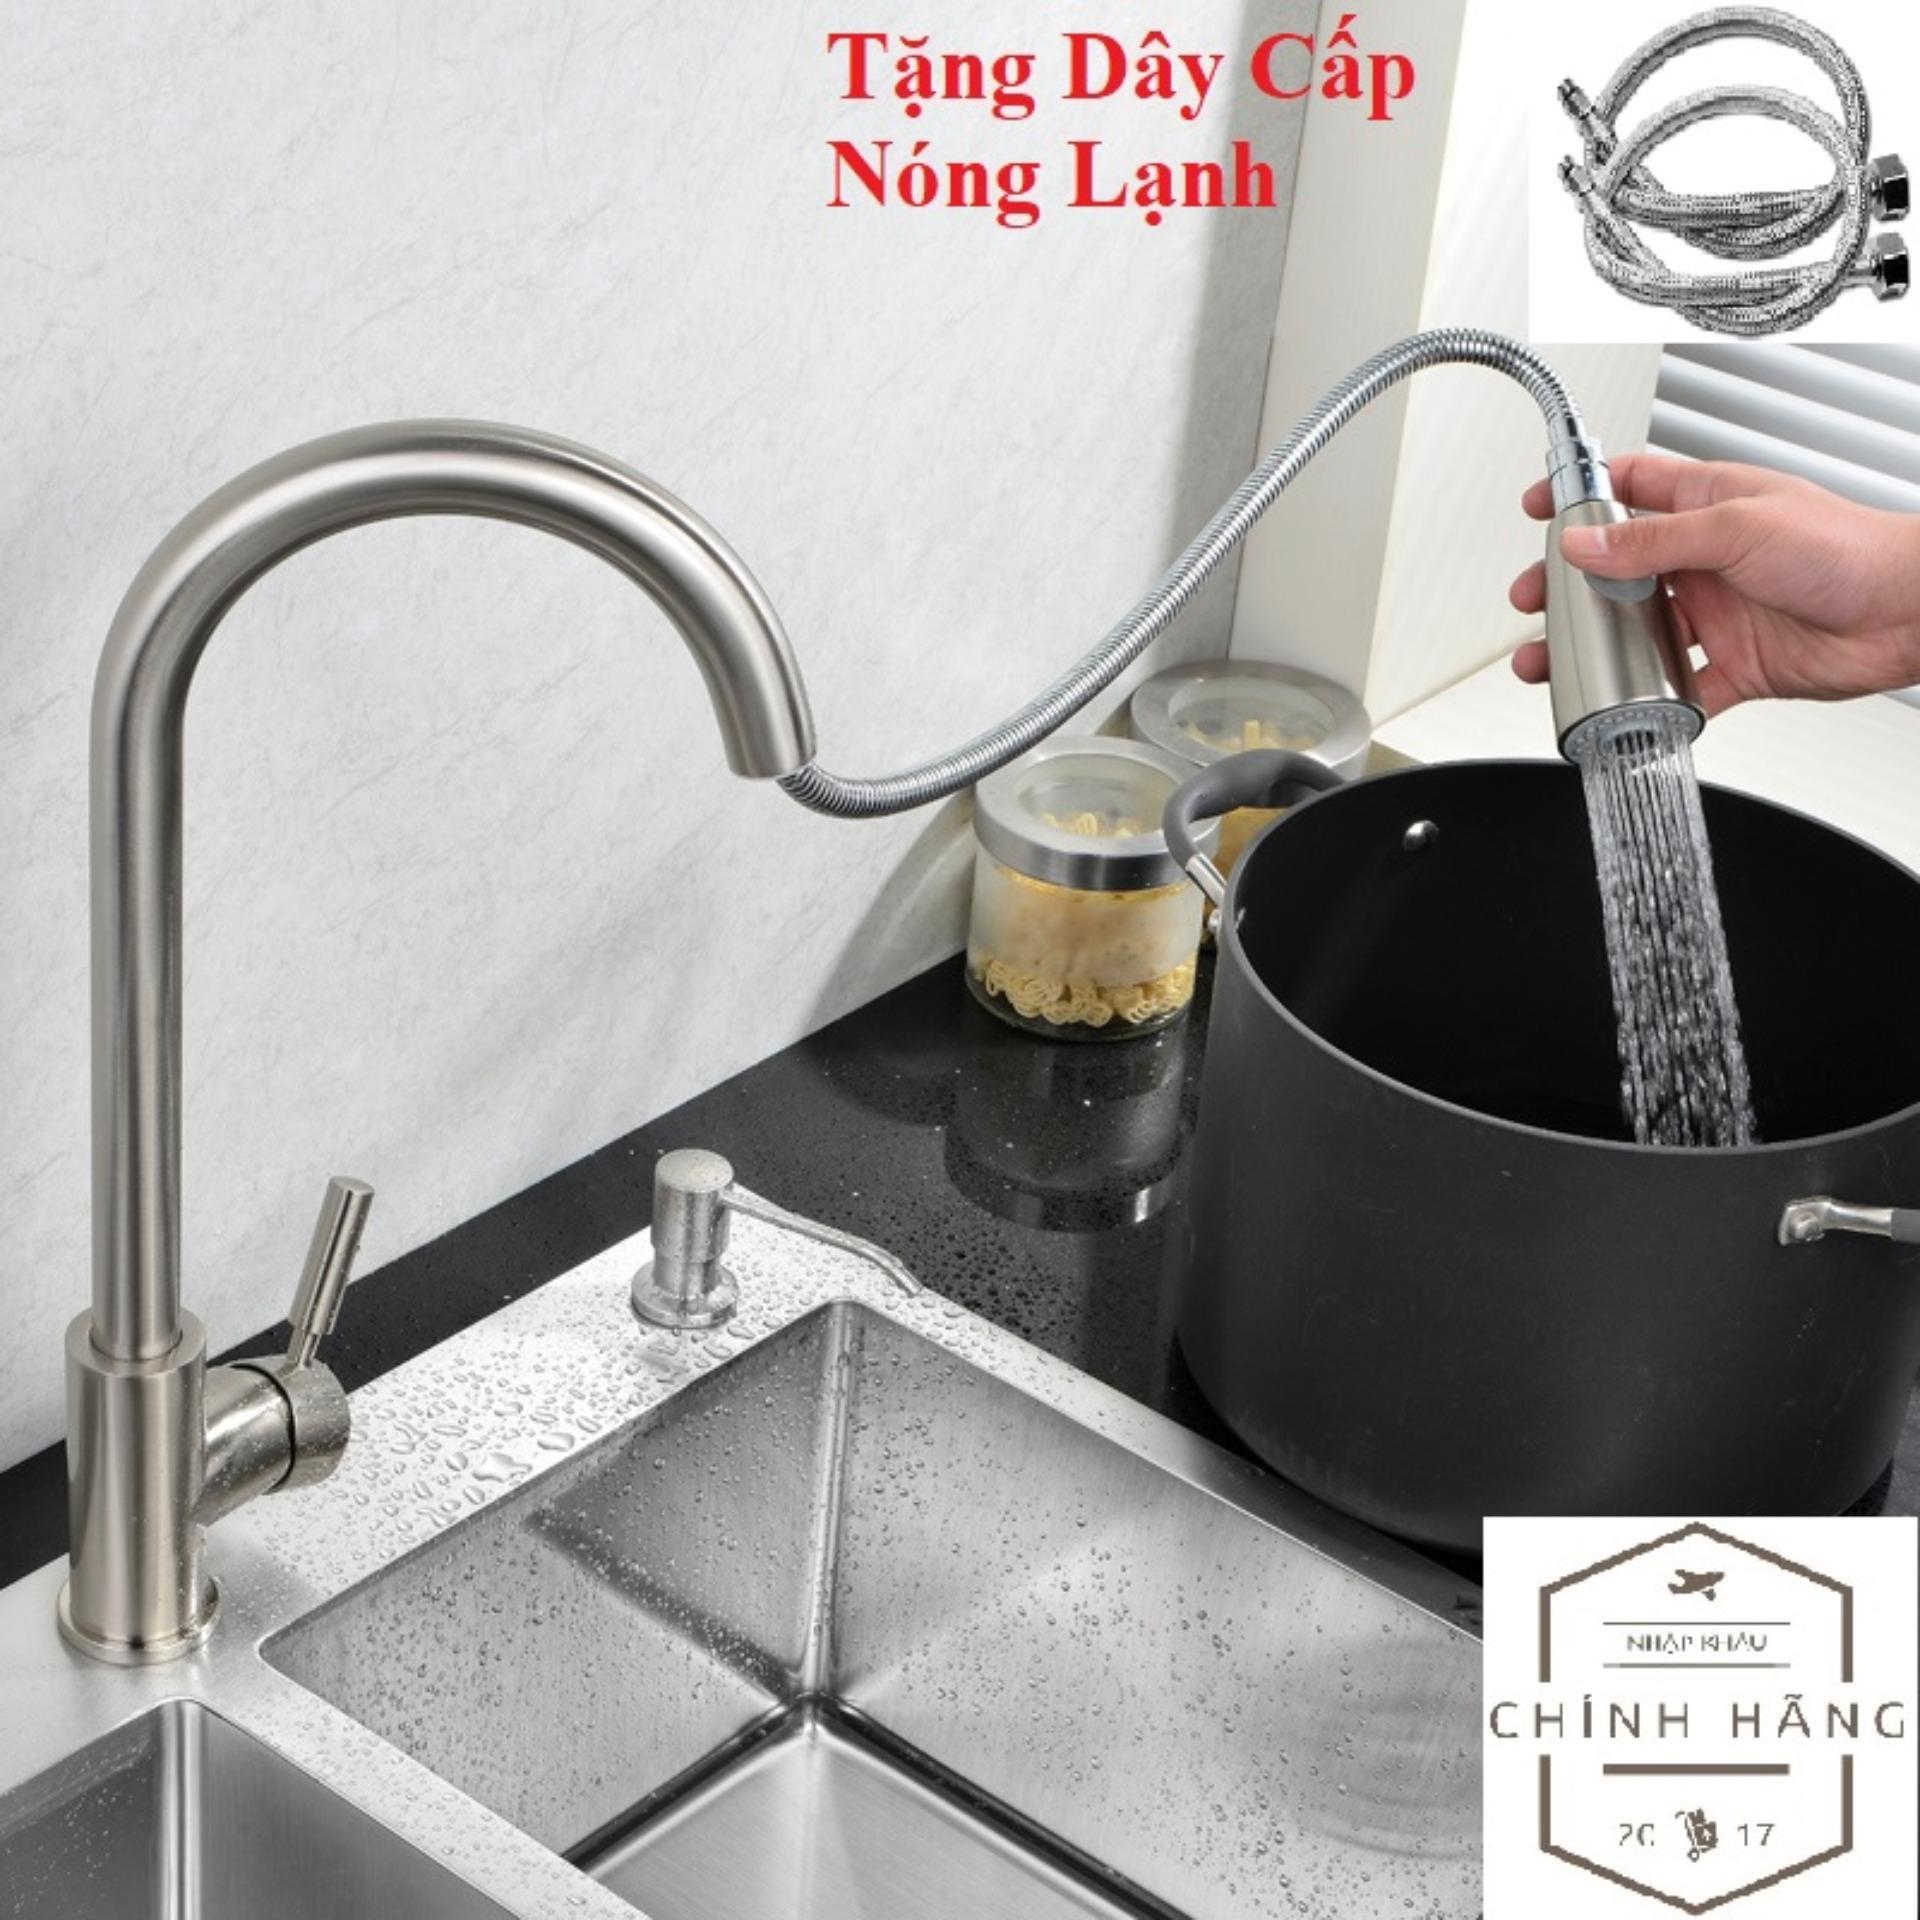 Vòi rửa chén bát Inox 304 rút đa năng vòi tăng áp cao cấp Nóng Lạnh (tặng dây cấp - bảo hành 12 tháng)